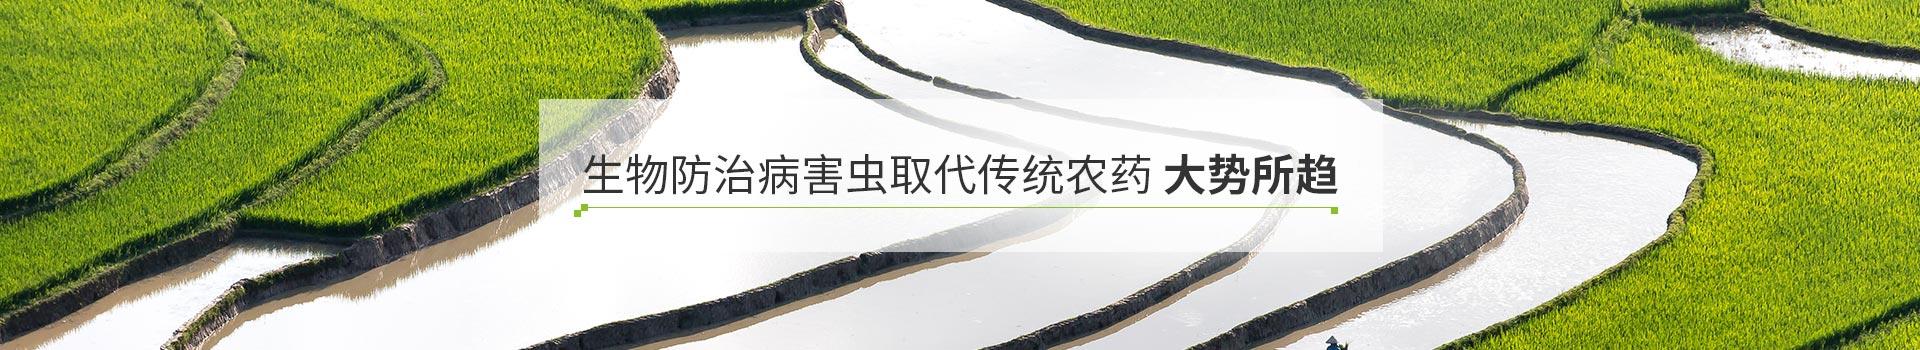 泽农生物防治病害虫取代传统农药大势所趋